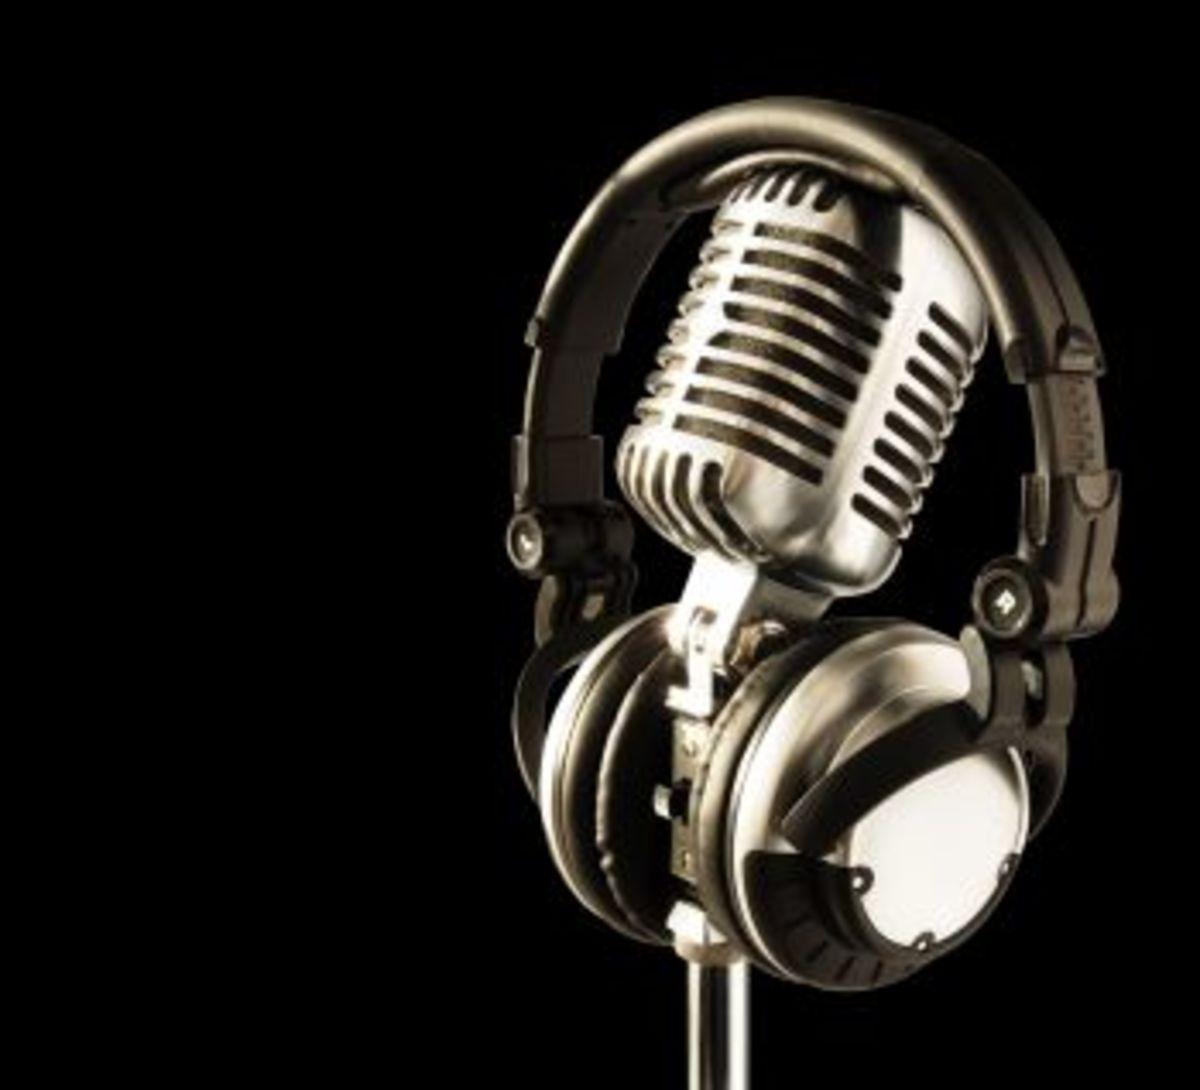 Κως: Στο σκαμνί γνωστός ραδιοφωνικός παραγωγός για βιασμό 14χρονης! | Newsit.gr